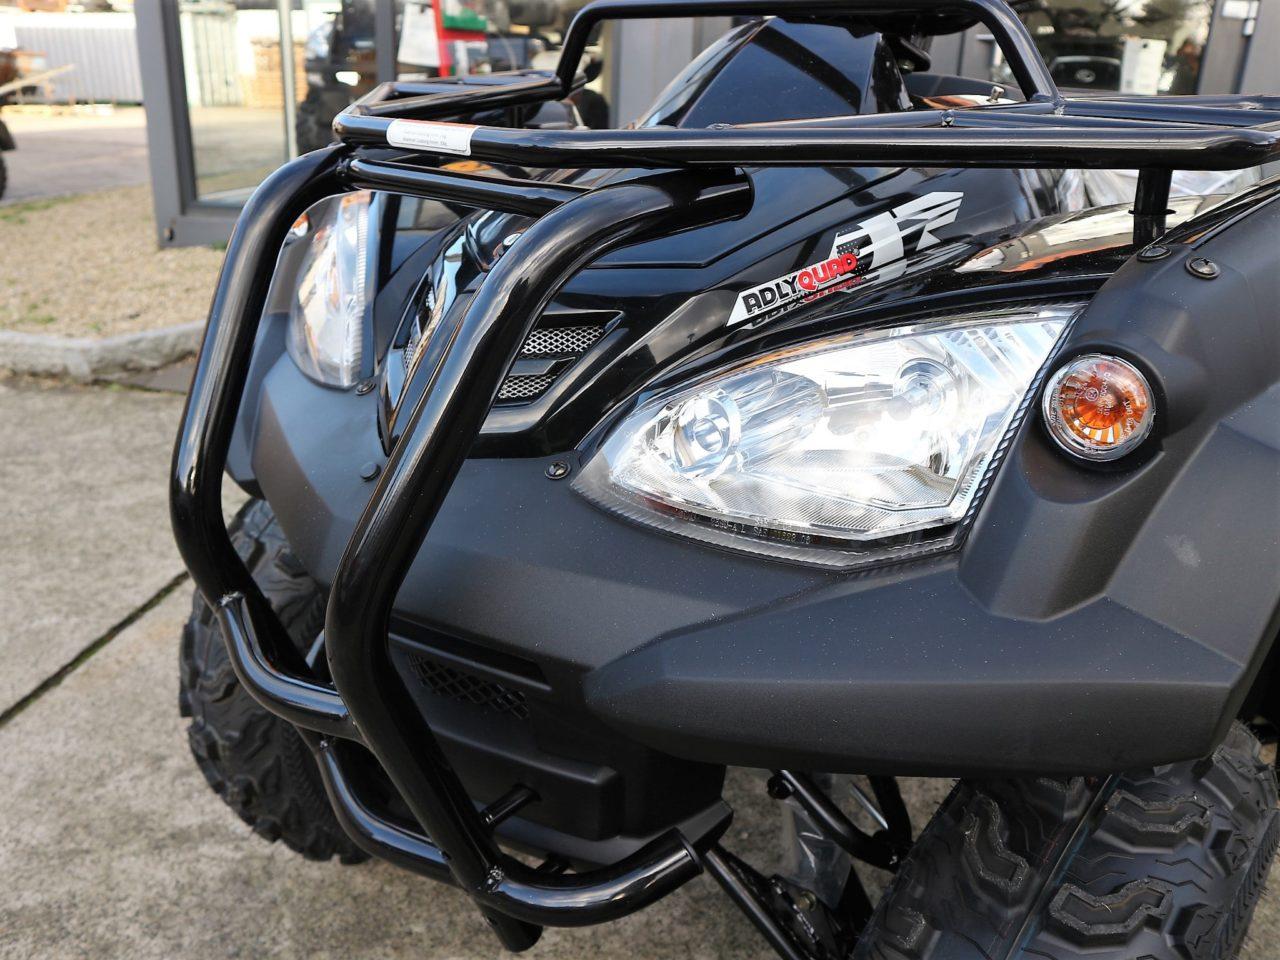 ATV / Quad Herkules Adly ATV Canyon 320 SE, 22 PS, 272 ccm, LOF-Zulassung